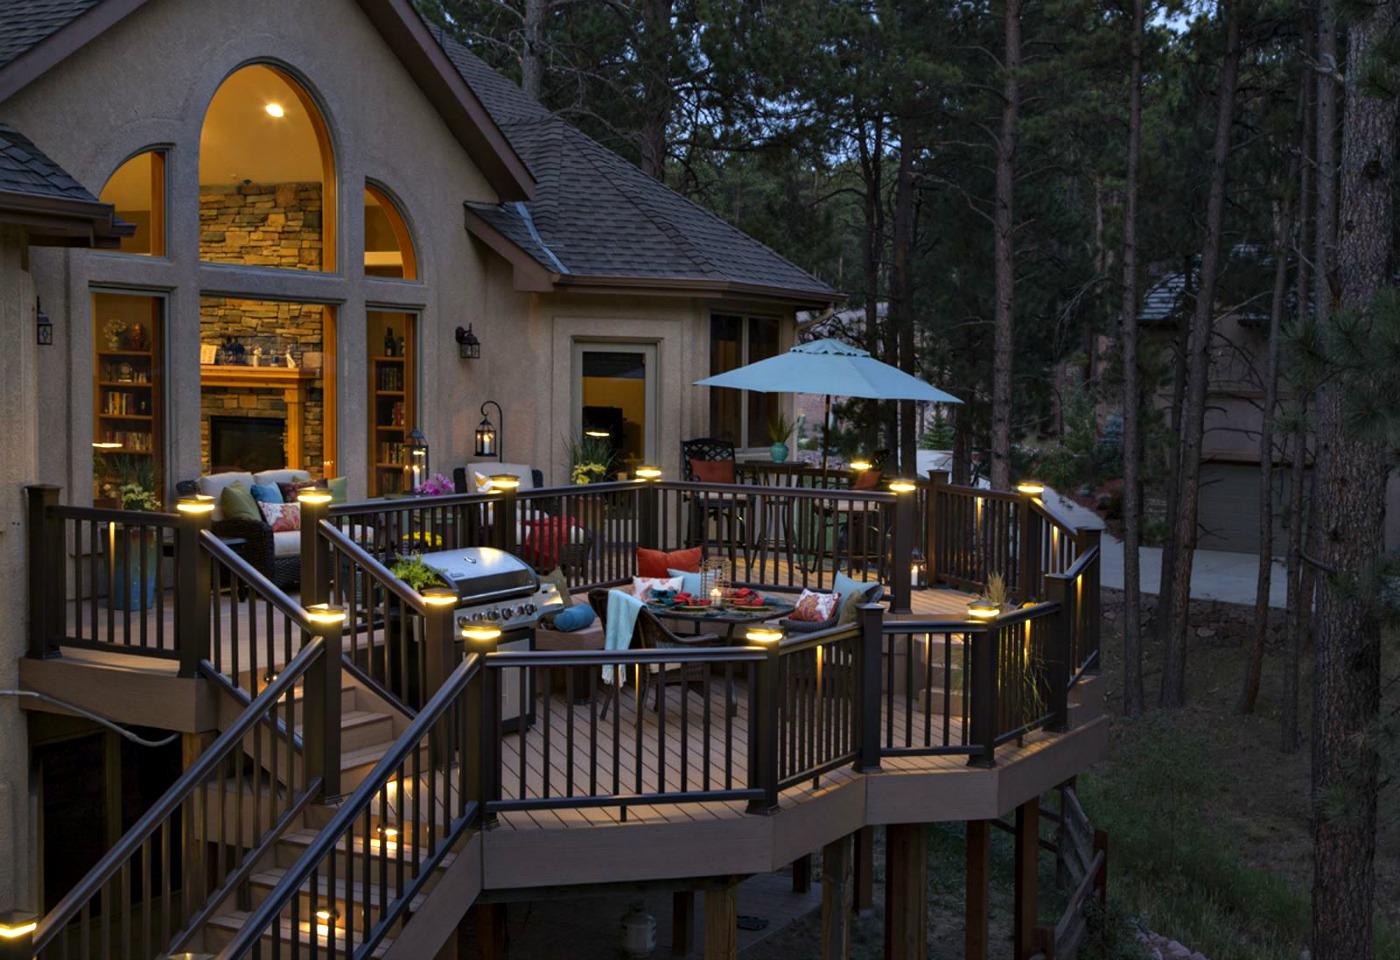 outdoor lighting for decks. Beautiful Oakville Ontario Decks Start With Composite Decking Outdoor Lighting For D